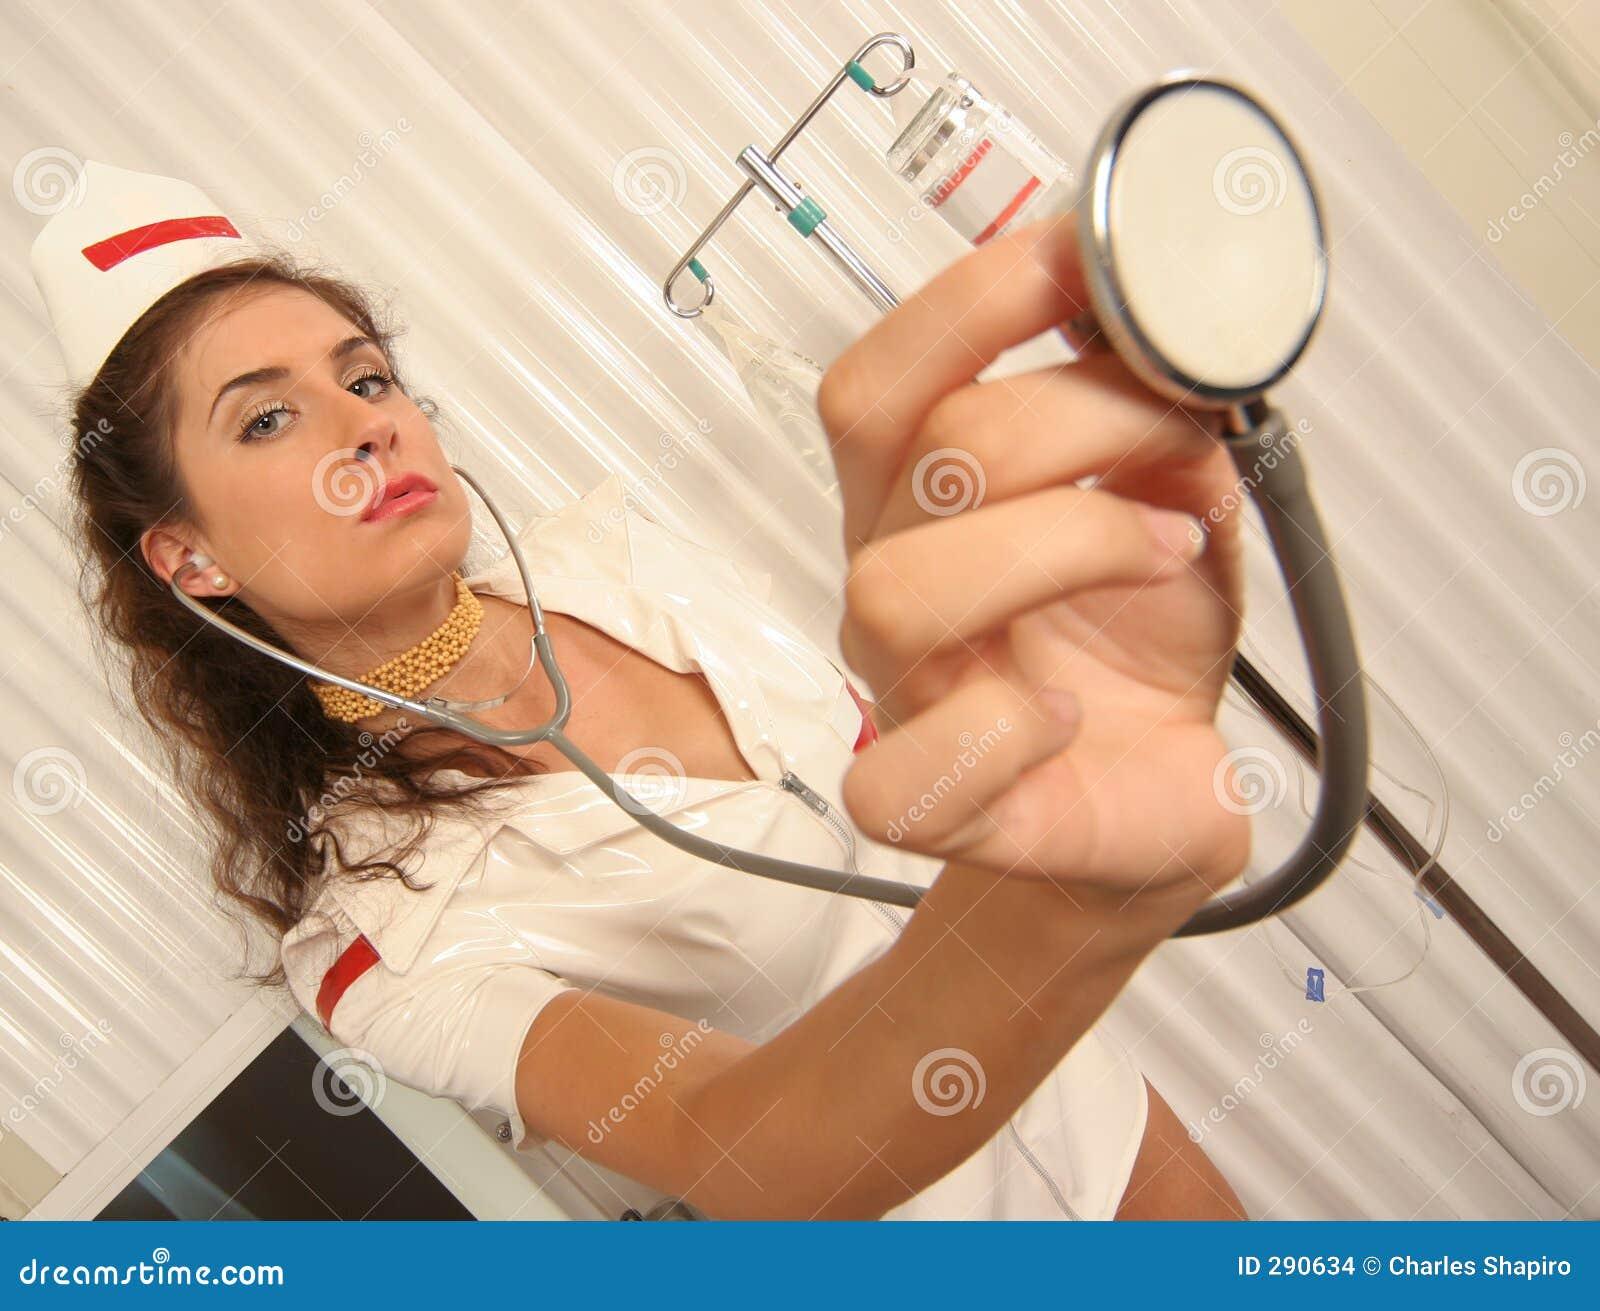 Lyssnar den klara sjuksköterskan till